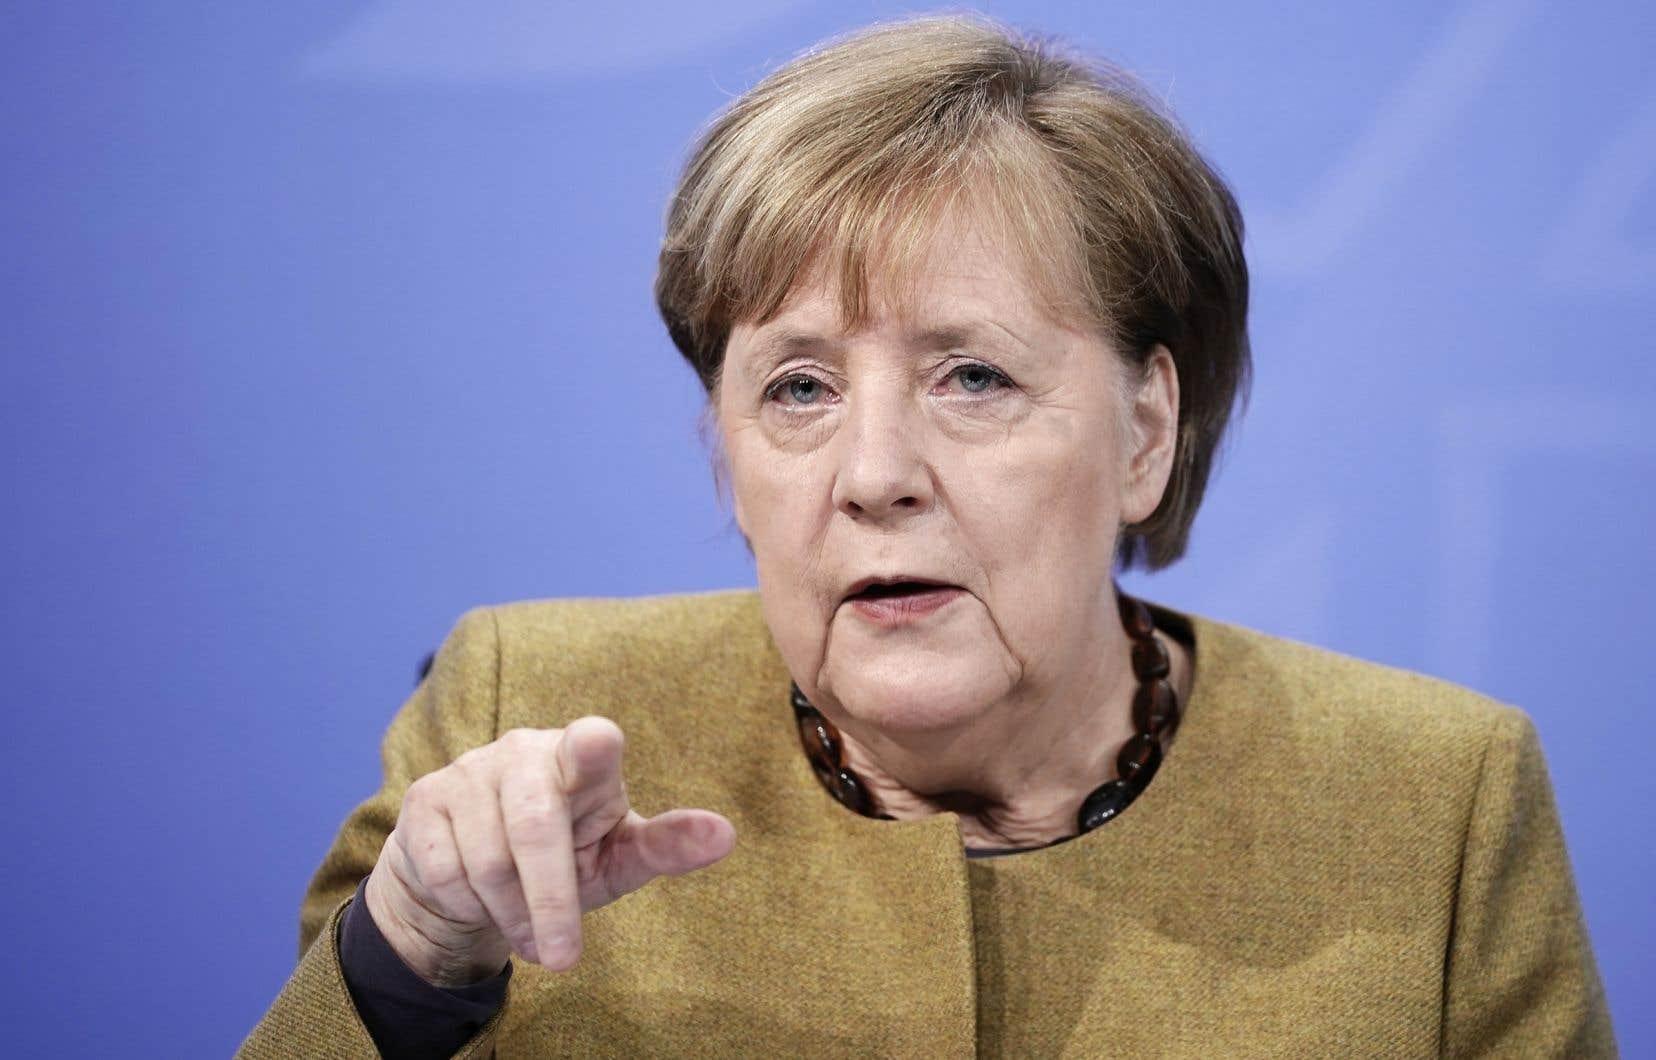 La dirigeante allemande s'apprête à céder son siège de chancelière après un règne record de 16 années.